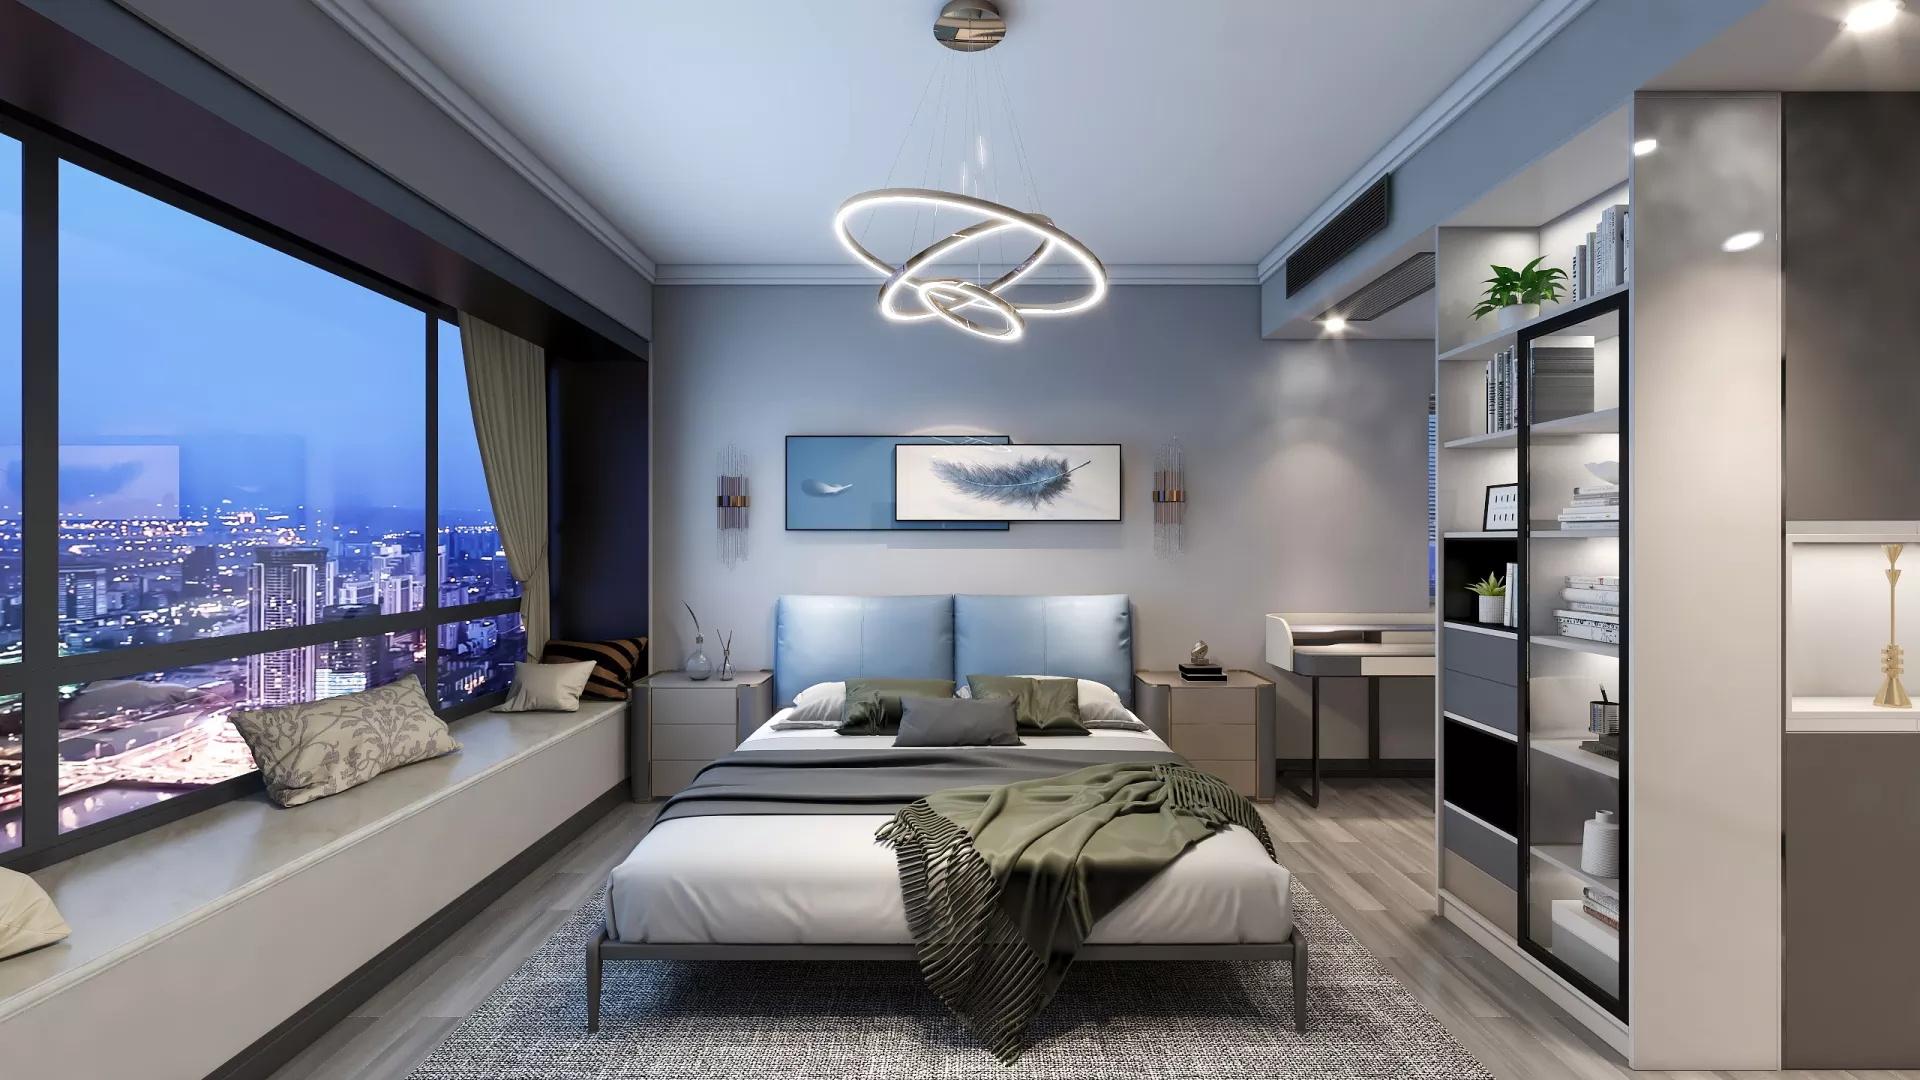 室內簡歐搭配要怎么做?簡歐家裝風格如何進行搭配?